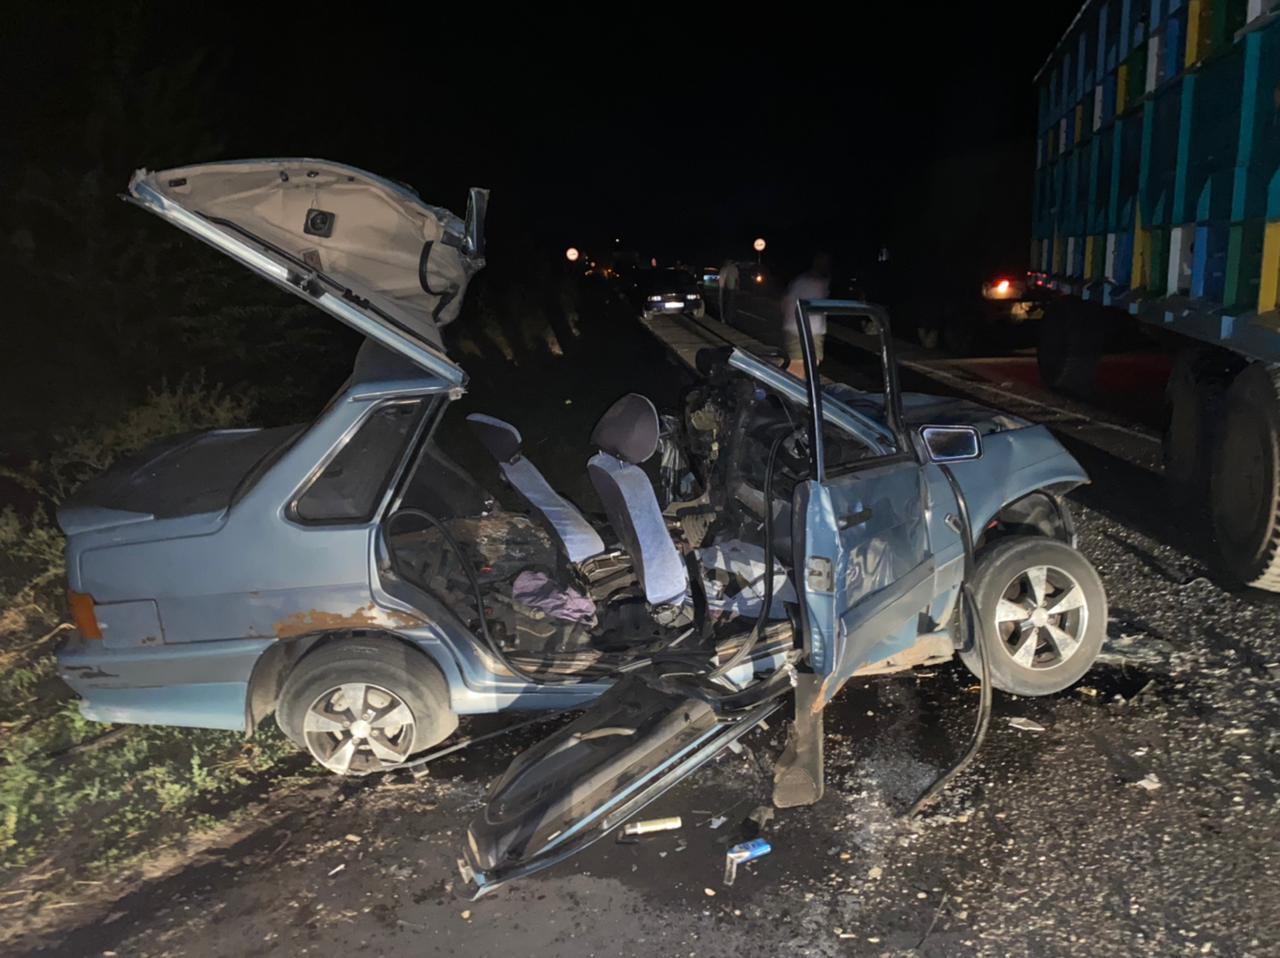 Внимание!!! Поиск свидетелей жуткой аварии в Мартыновском районе